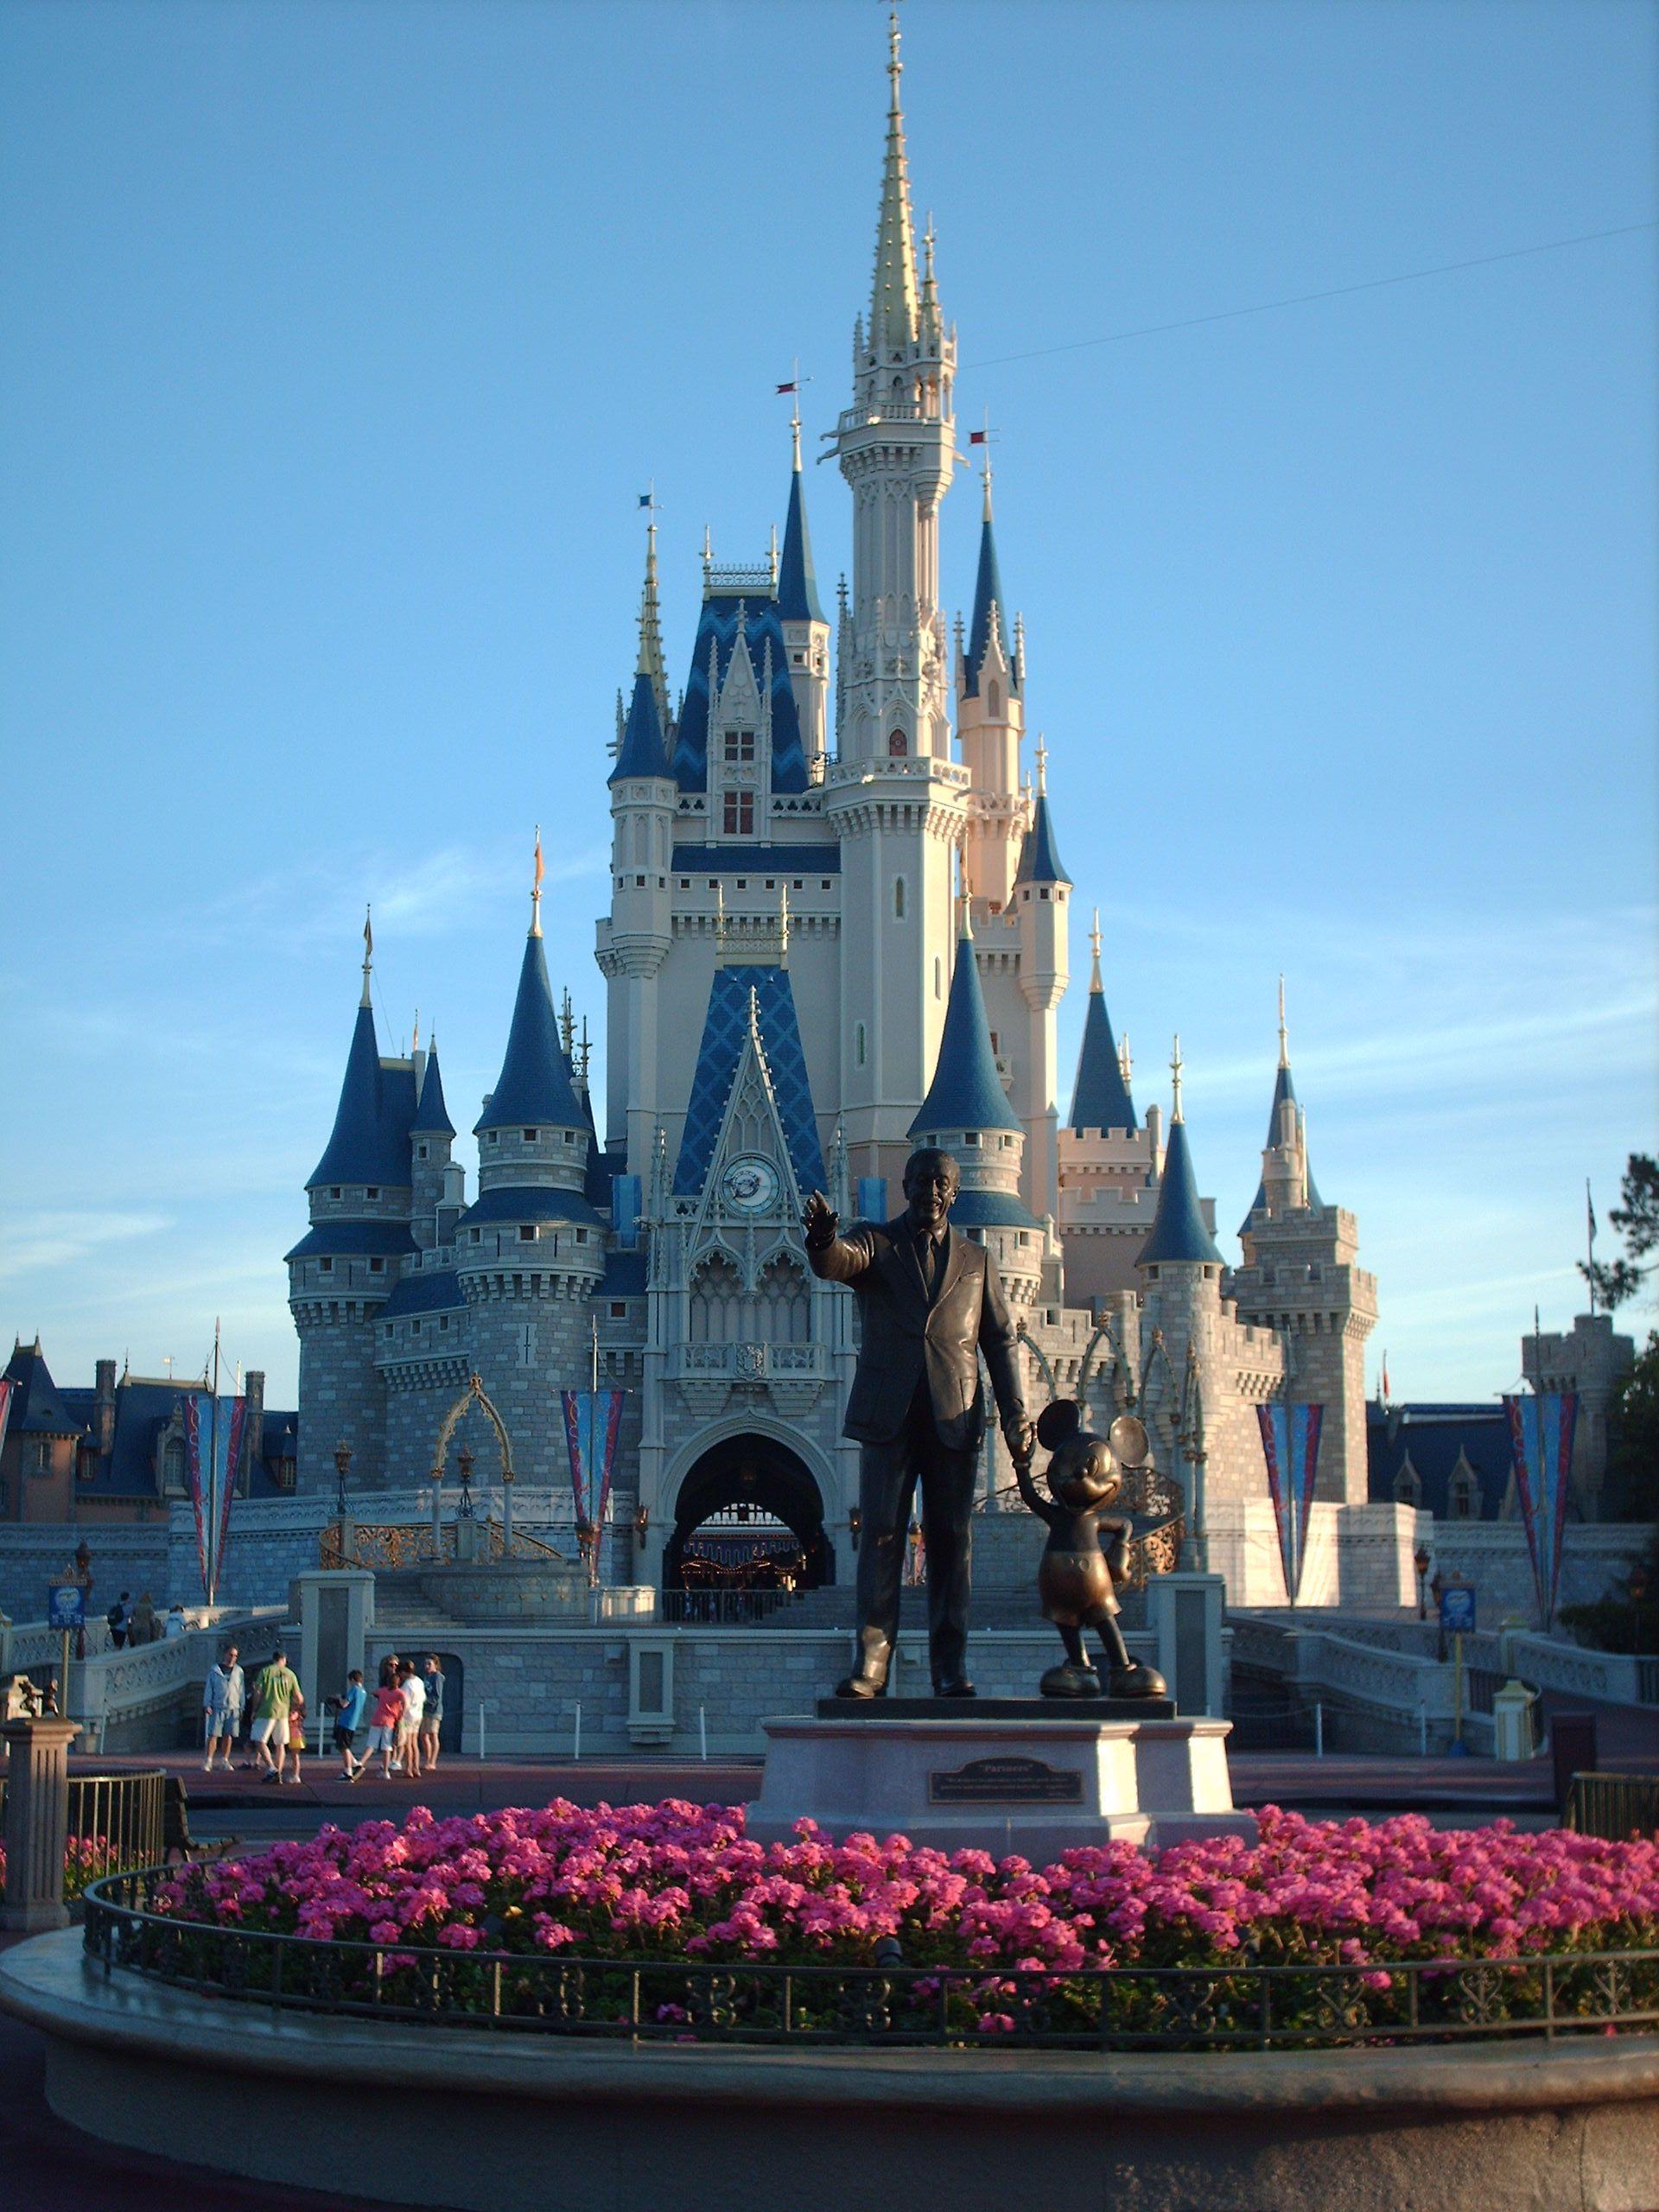 Disneyland LA Florida Tokyo Favorite Places & Spaces